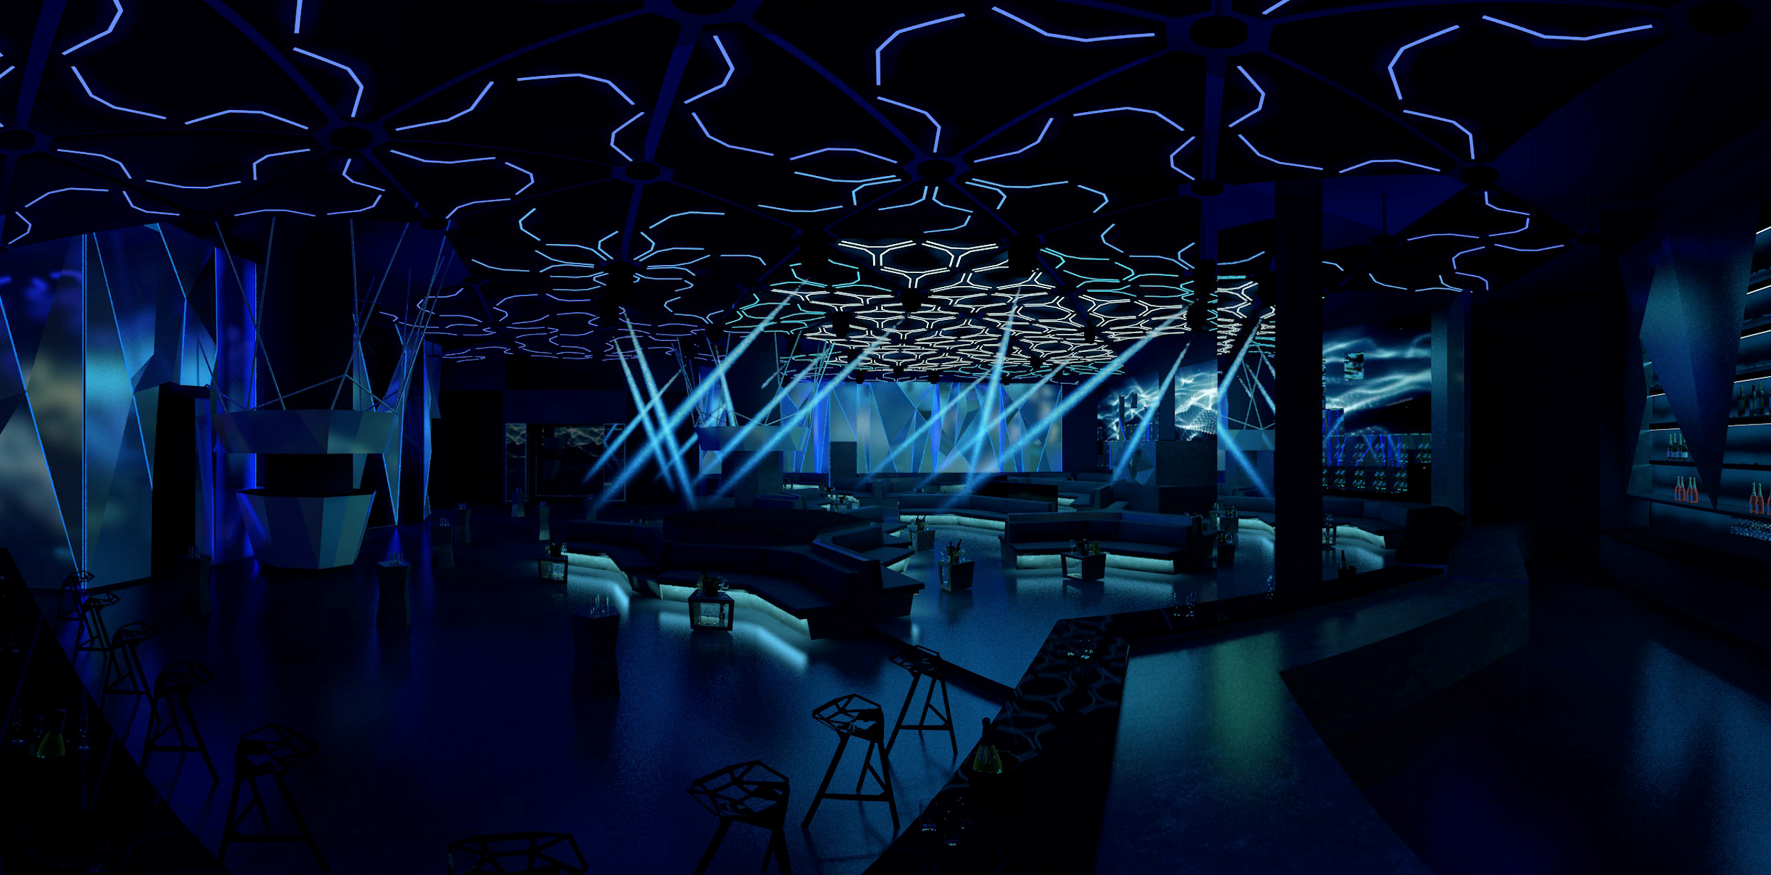 إفتتاح مطعم ولاونج مانتيس في دبي